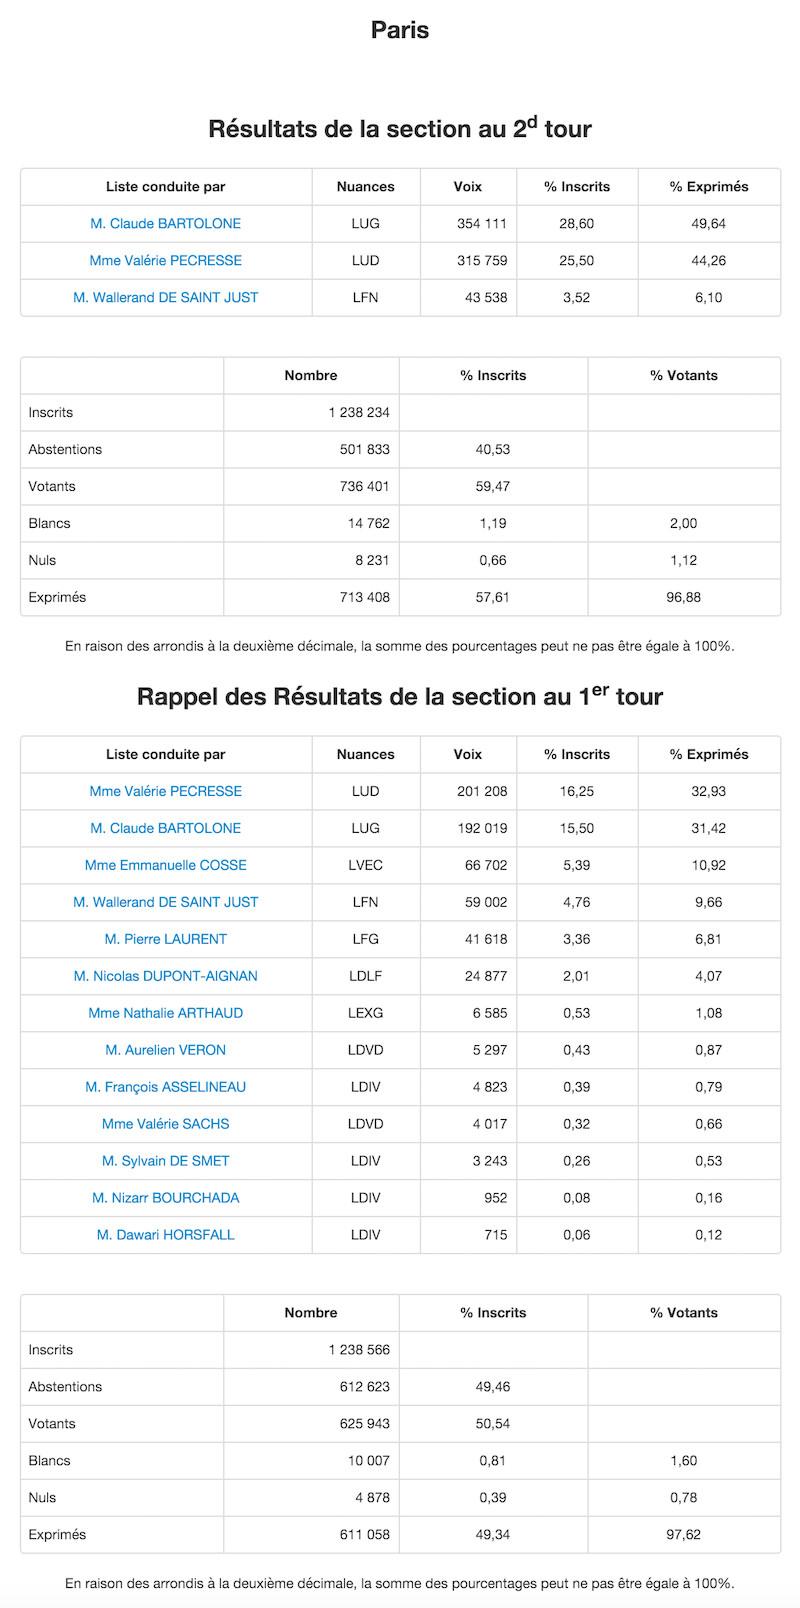 Régionales 2015 et 2010 dans le 12e arrondissement de Paris